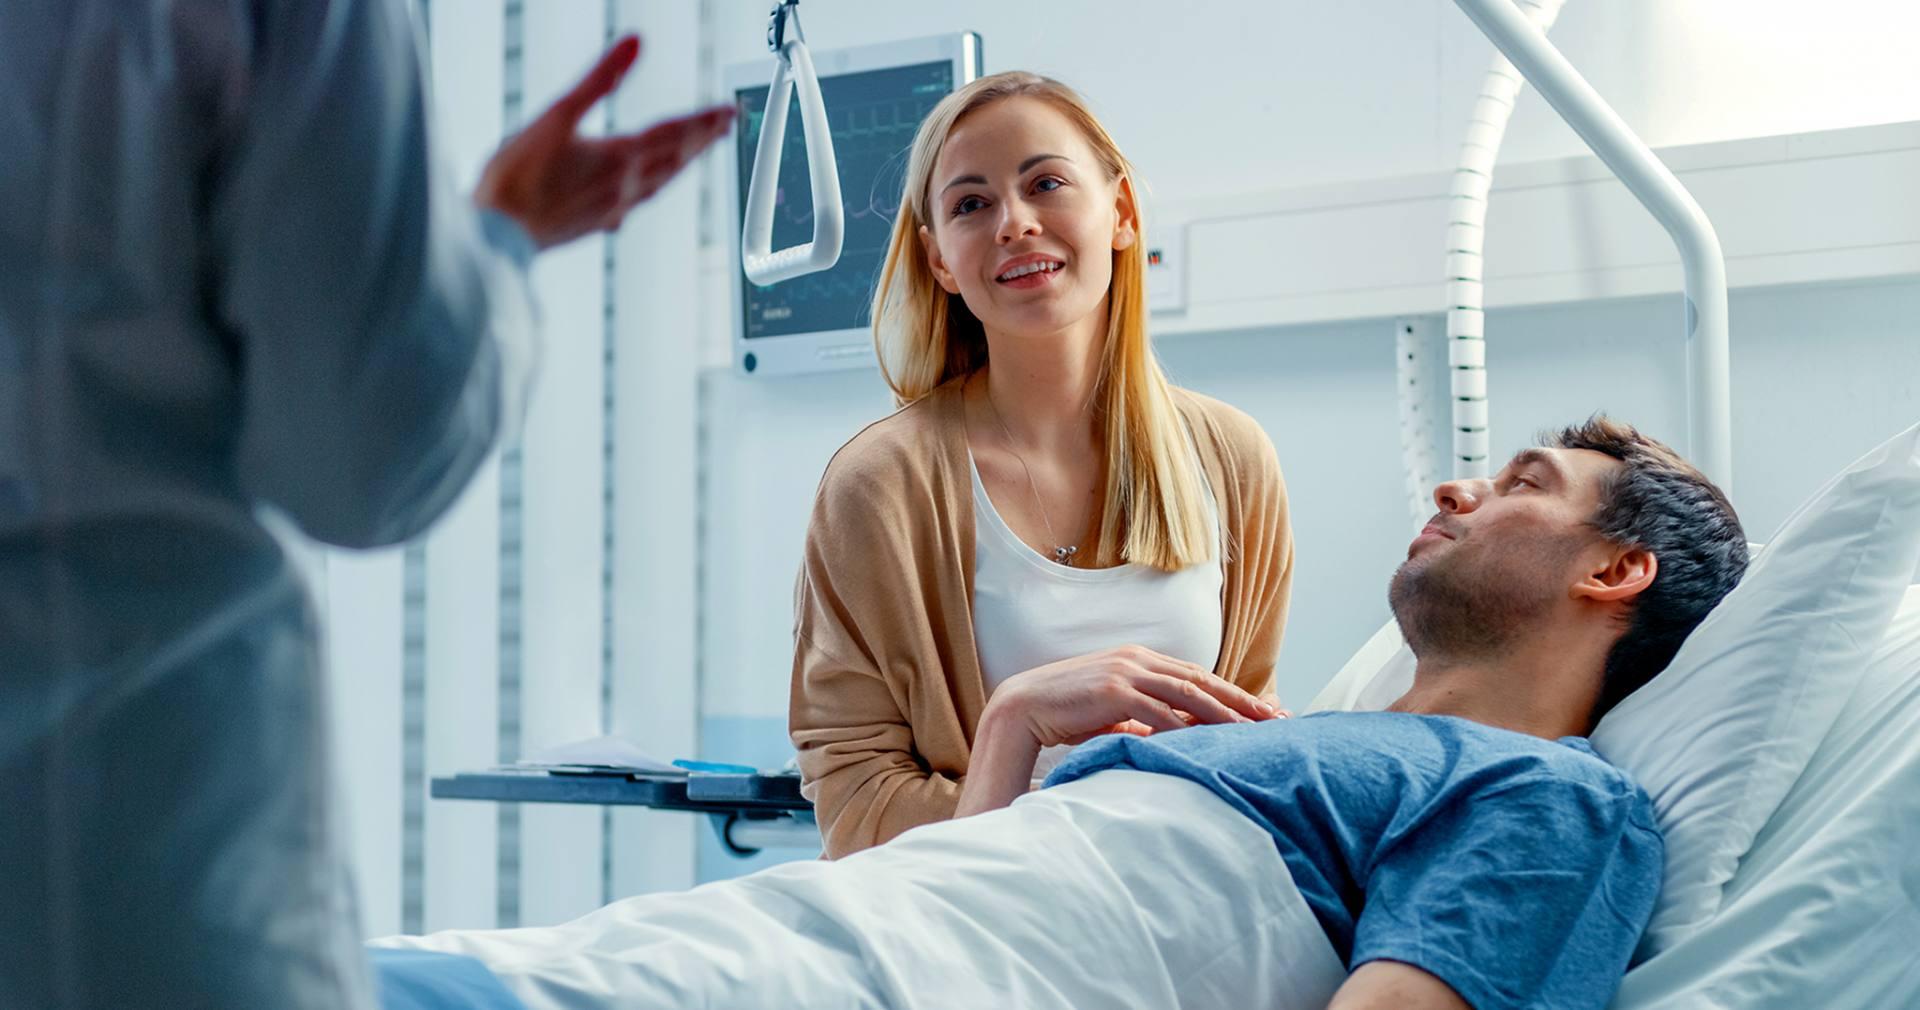 Kobieta z ulgą wysłuchuje lekarza, siedząc u boku hospitalizowanego mężczyzny